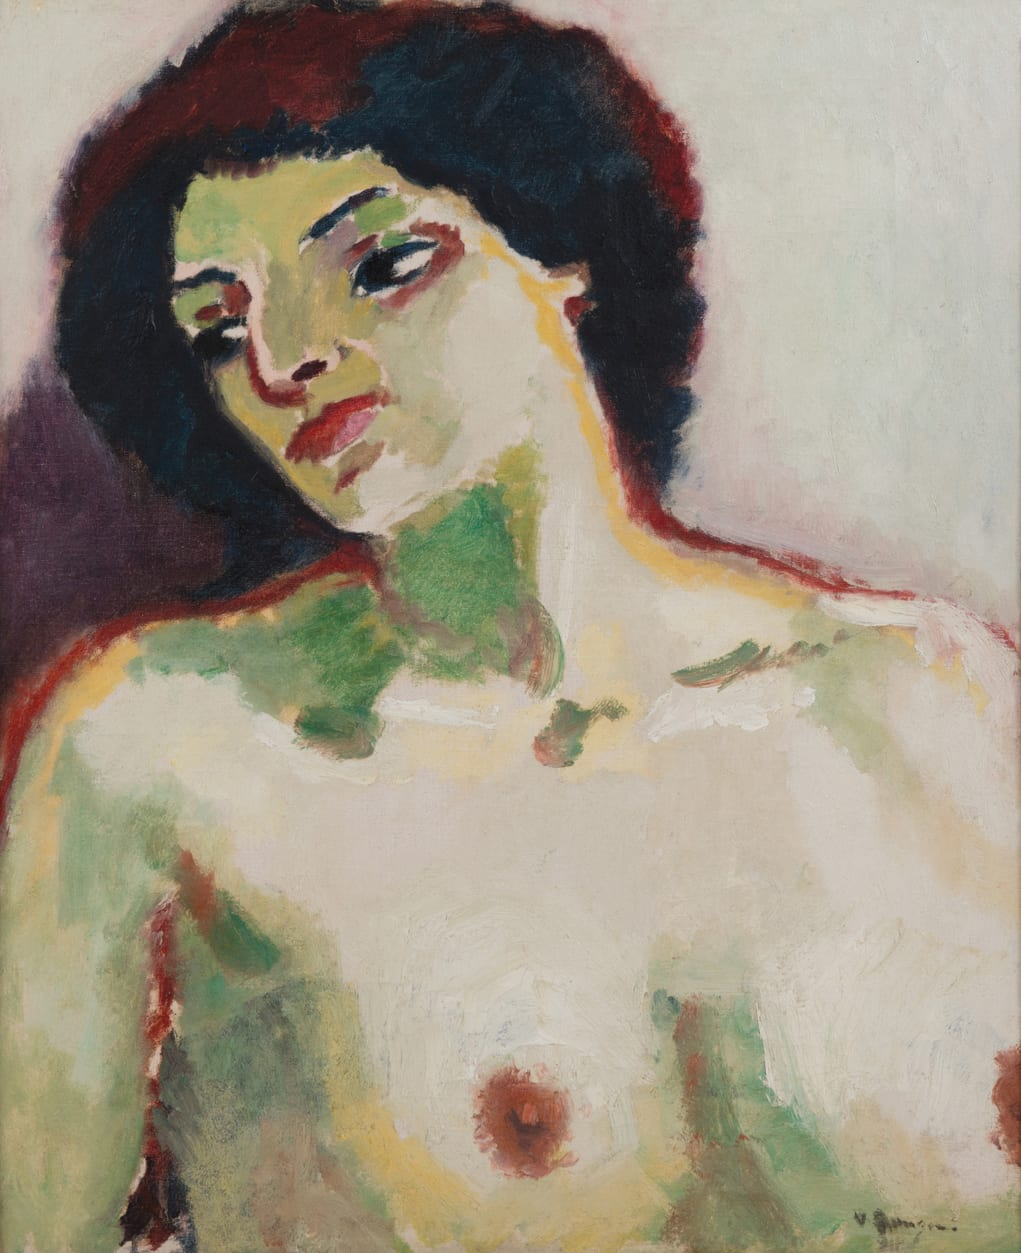 KEES VAN DONGEN, Buste de femme nue, Fernande Olivier, 1911